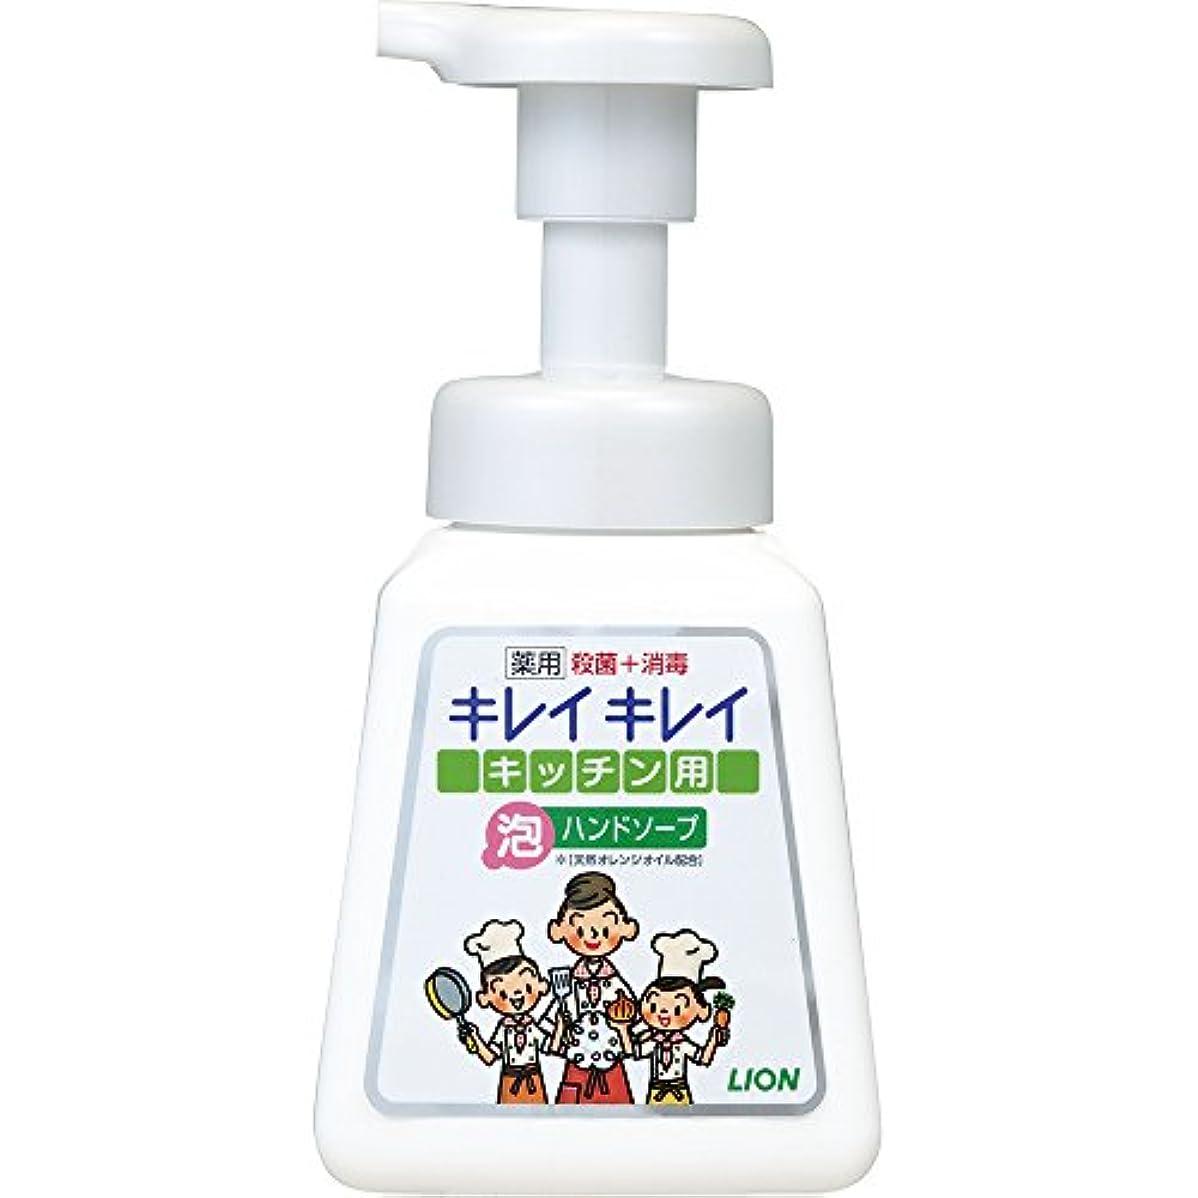 精神具体的に学校教育キレイキレイ 薬用 キッチン泡ハンドソープ 本体ポンプ 230ml(医薬部外品)